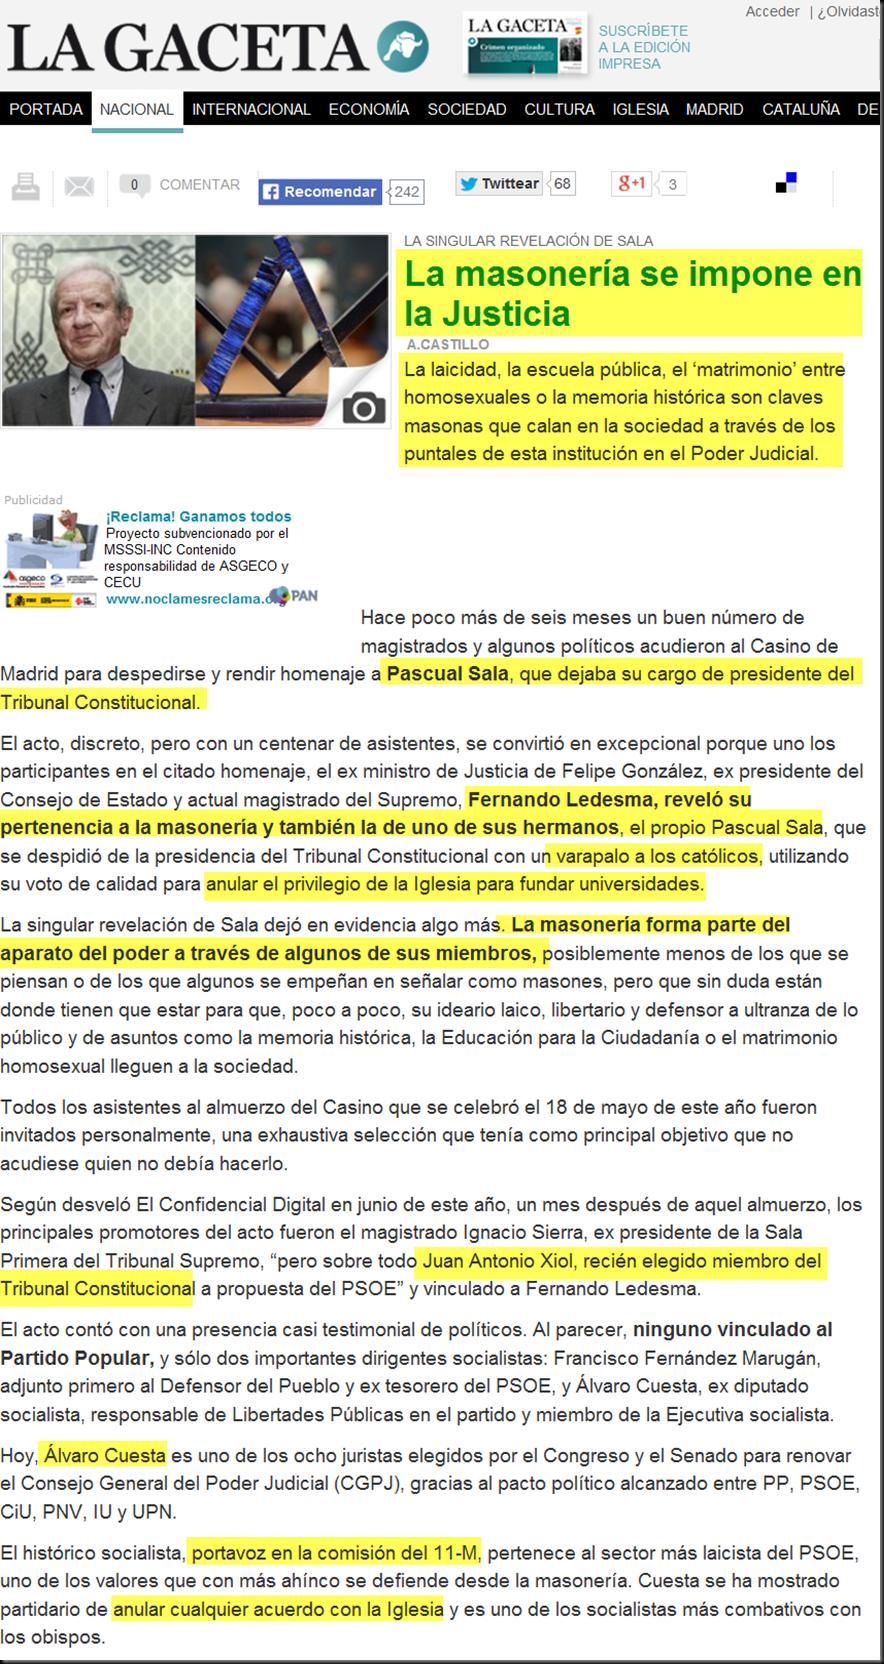 El Gran Oriente de Francia controla el poder judicial español Image_thumb7